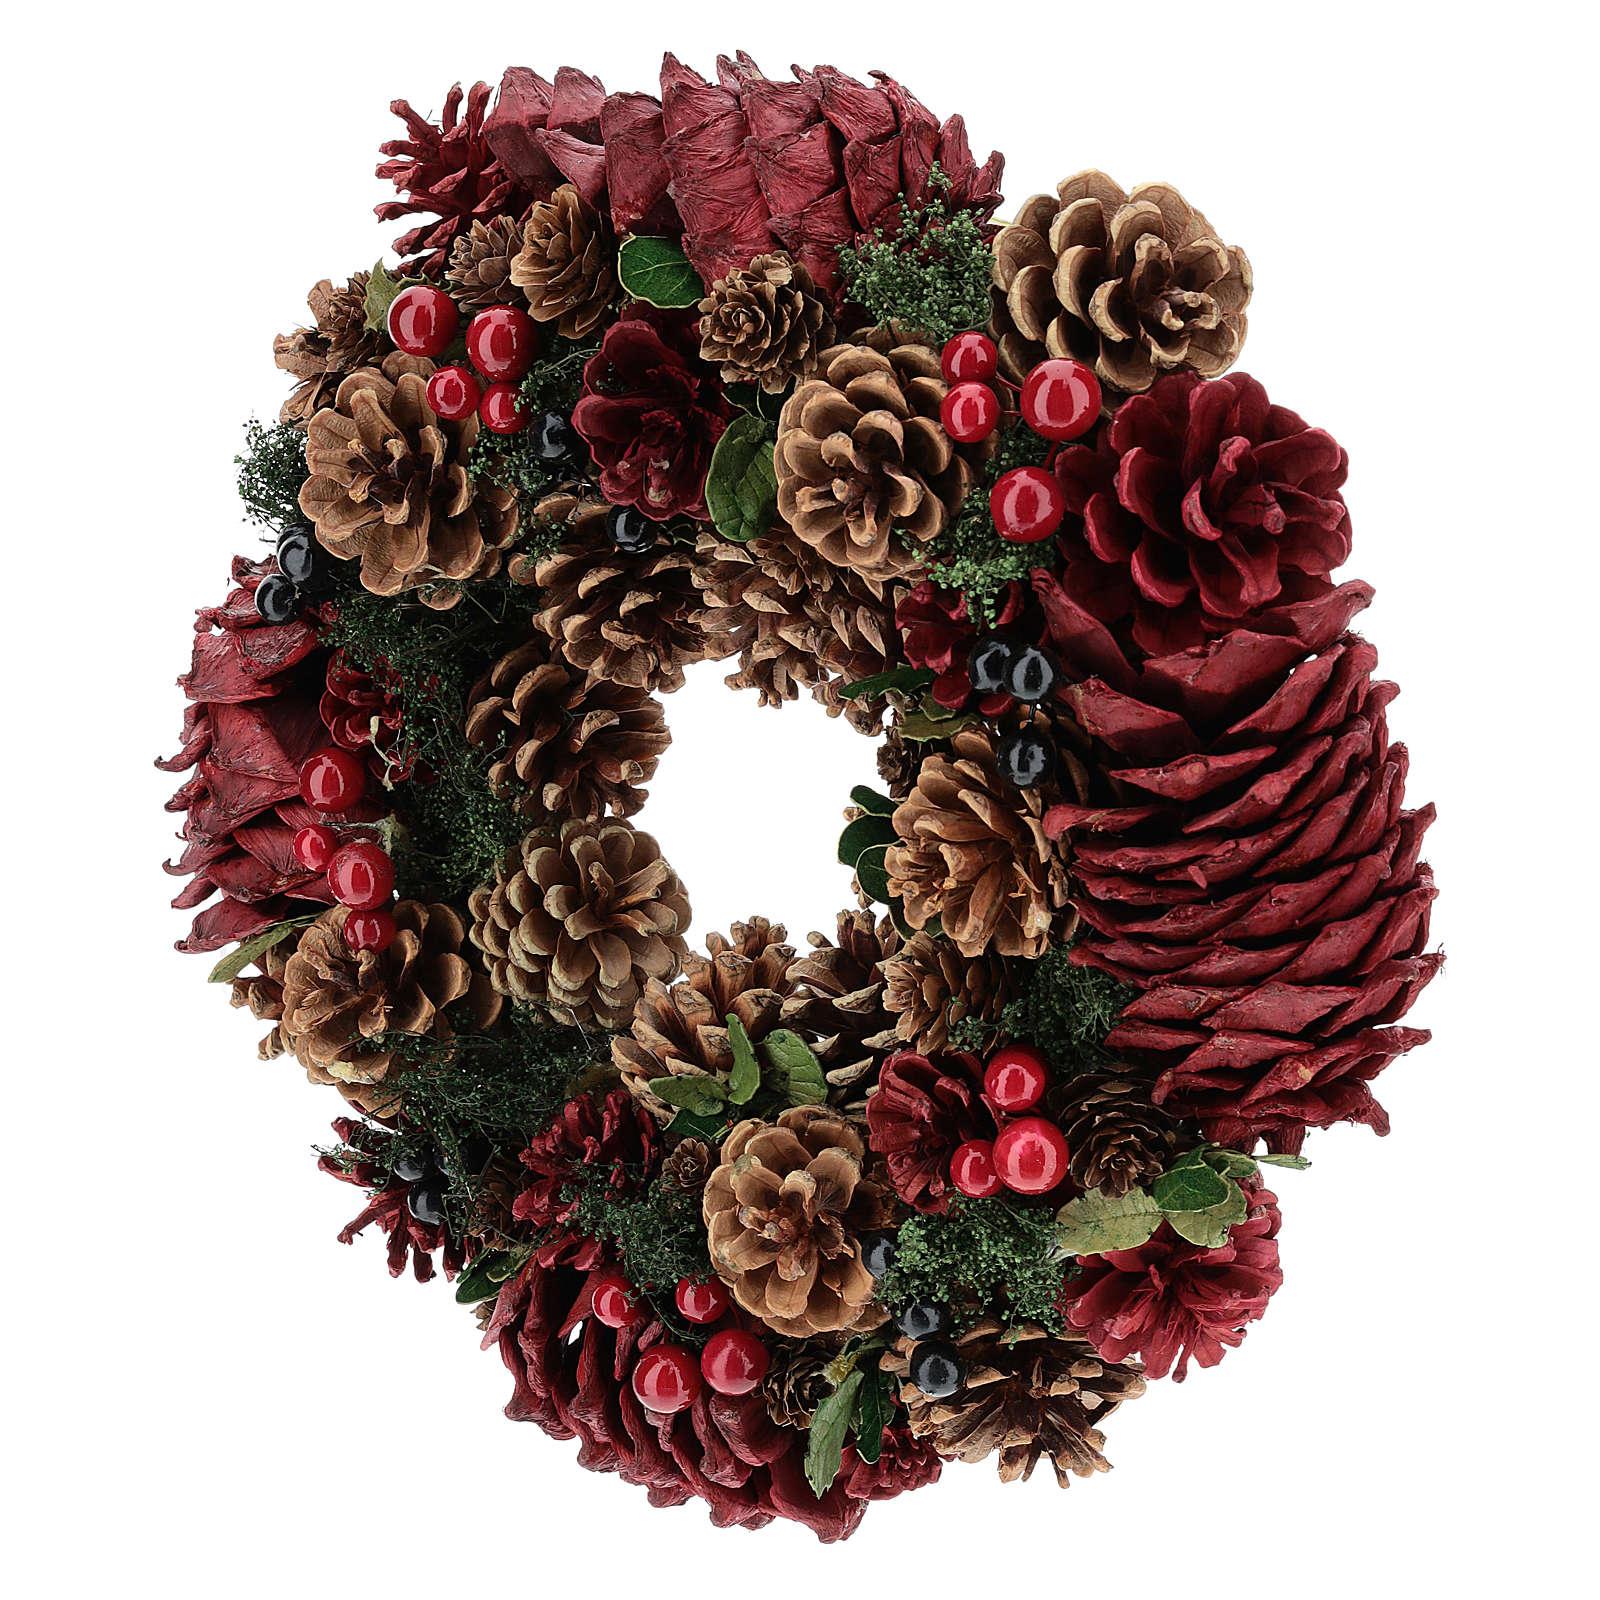 Corona decorata Natale pigne rosse e foglioline 32 cm 3